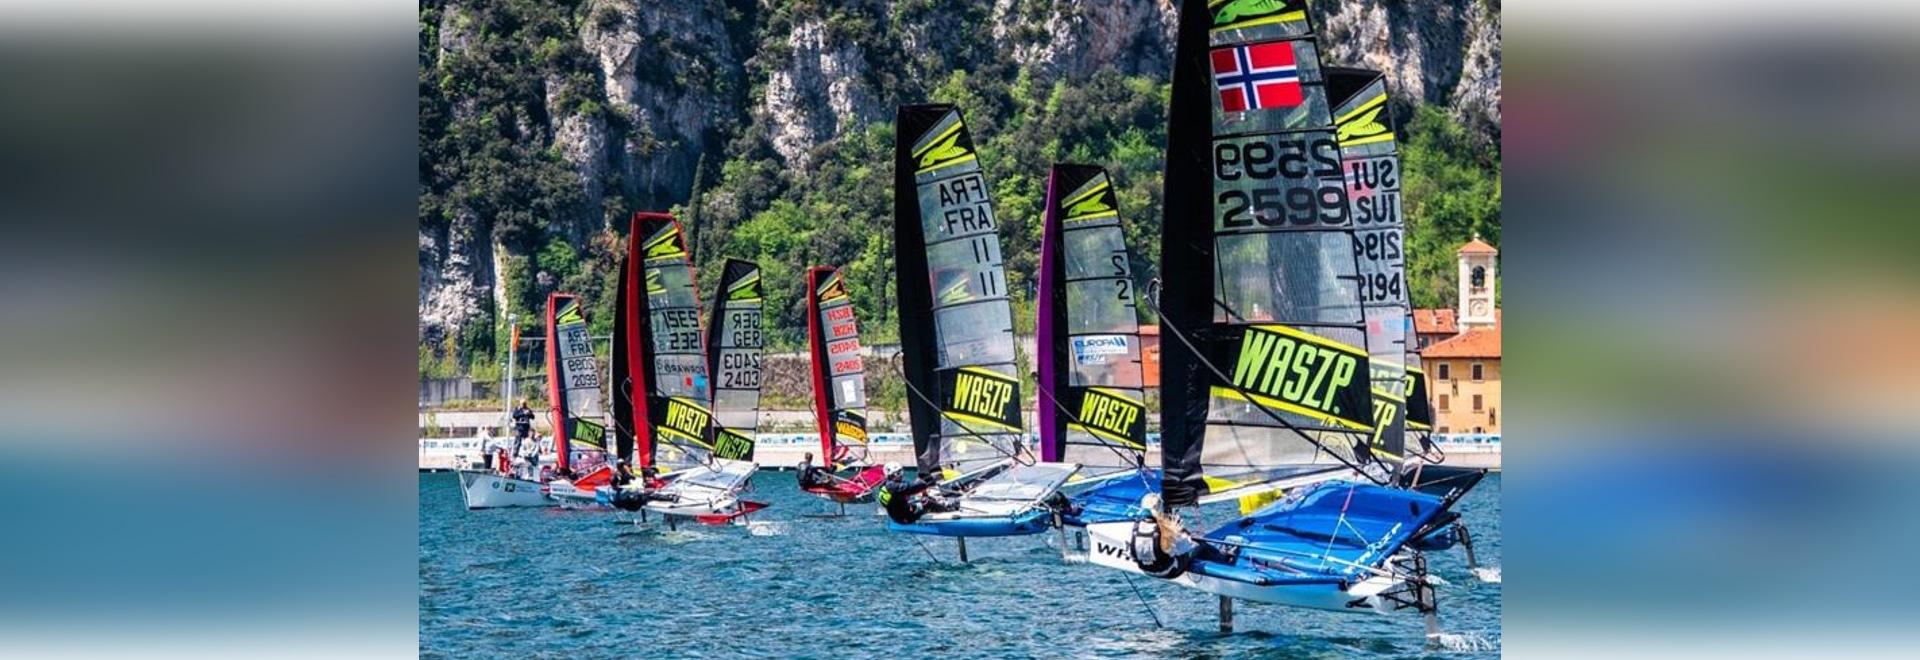 WASZP Europameisterschaften auf dem Weg zur Rekordflotte